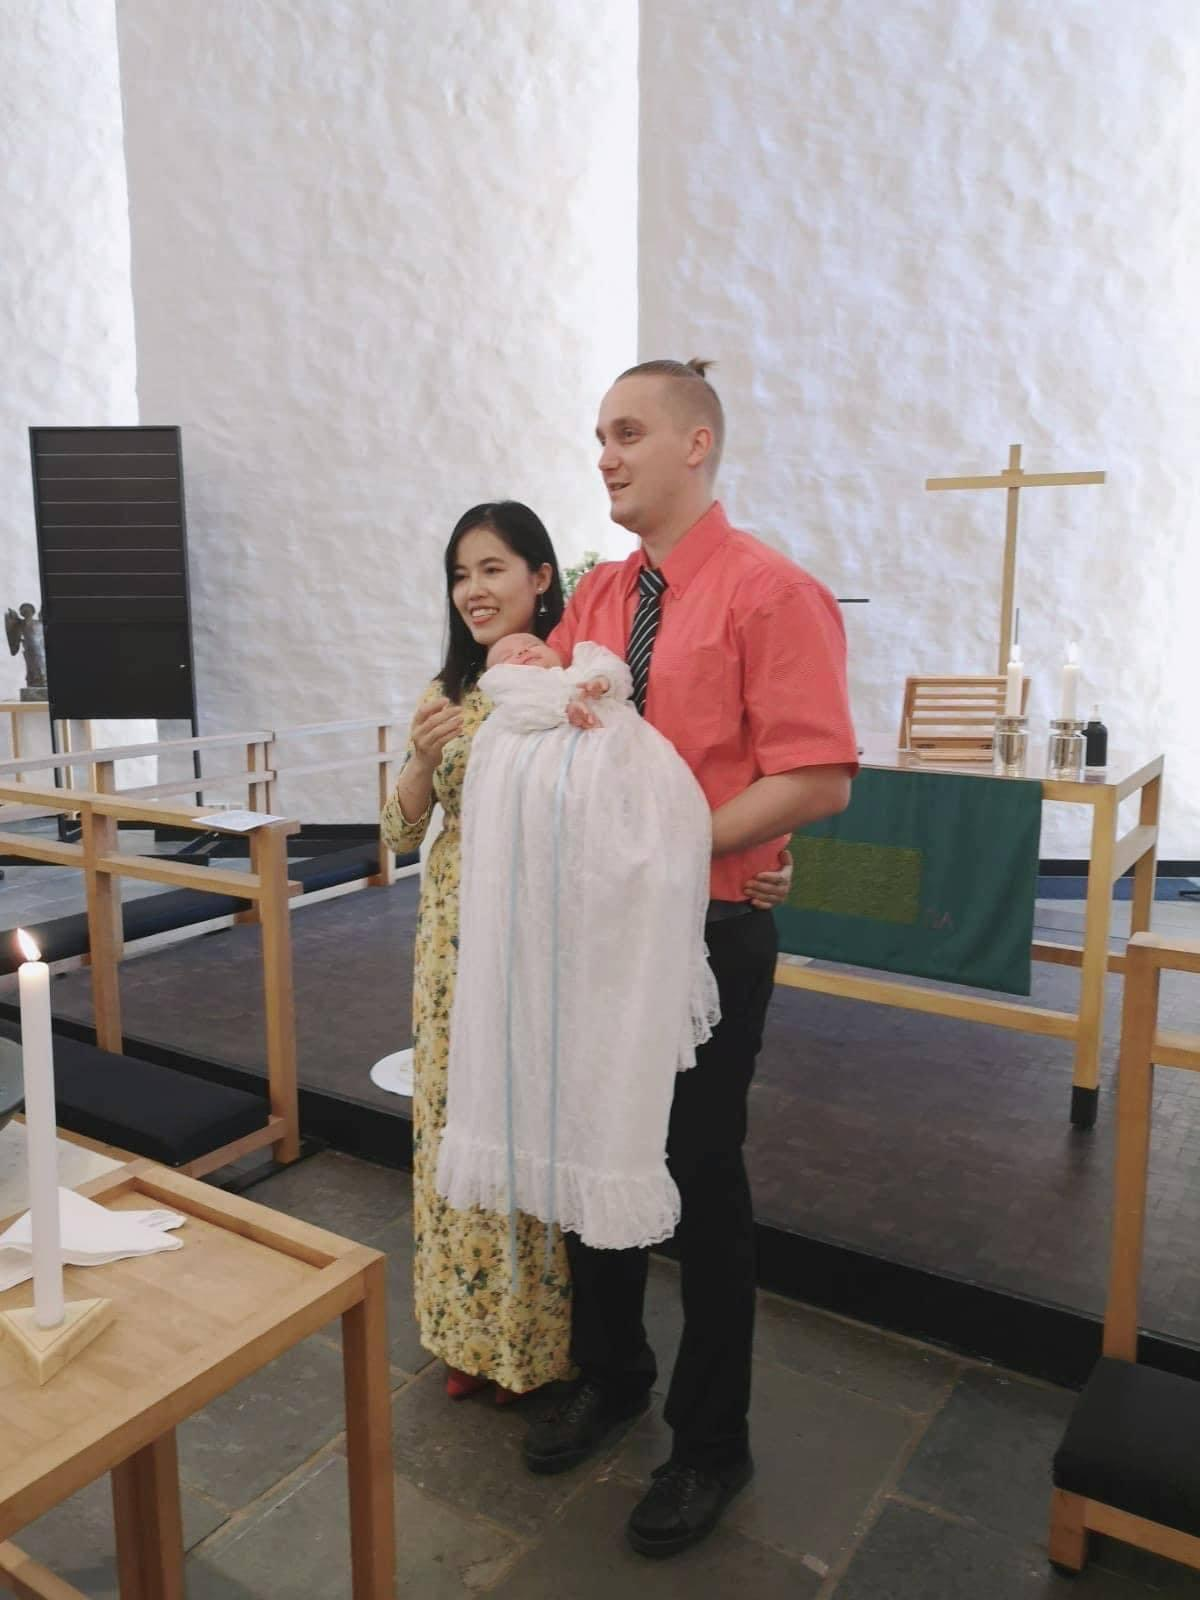 Gặp cô gái Đắk Lắk nghèo, chàng trai ngoại quốc vẫn quyết lấy làm vợ - 4